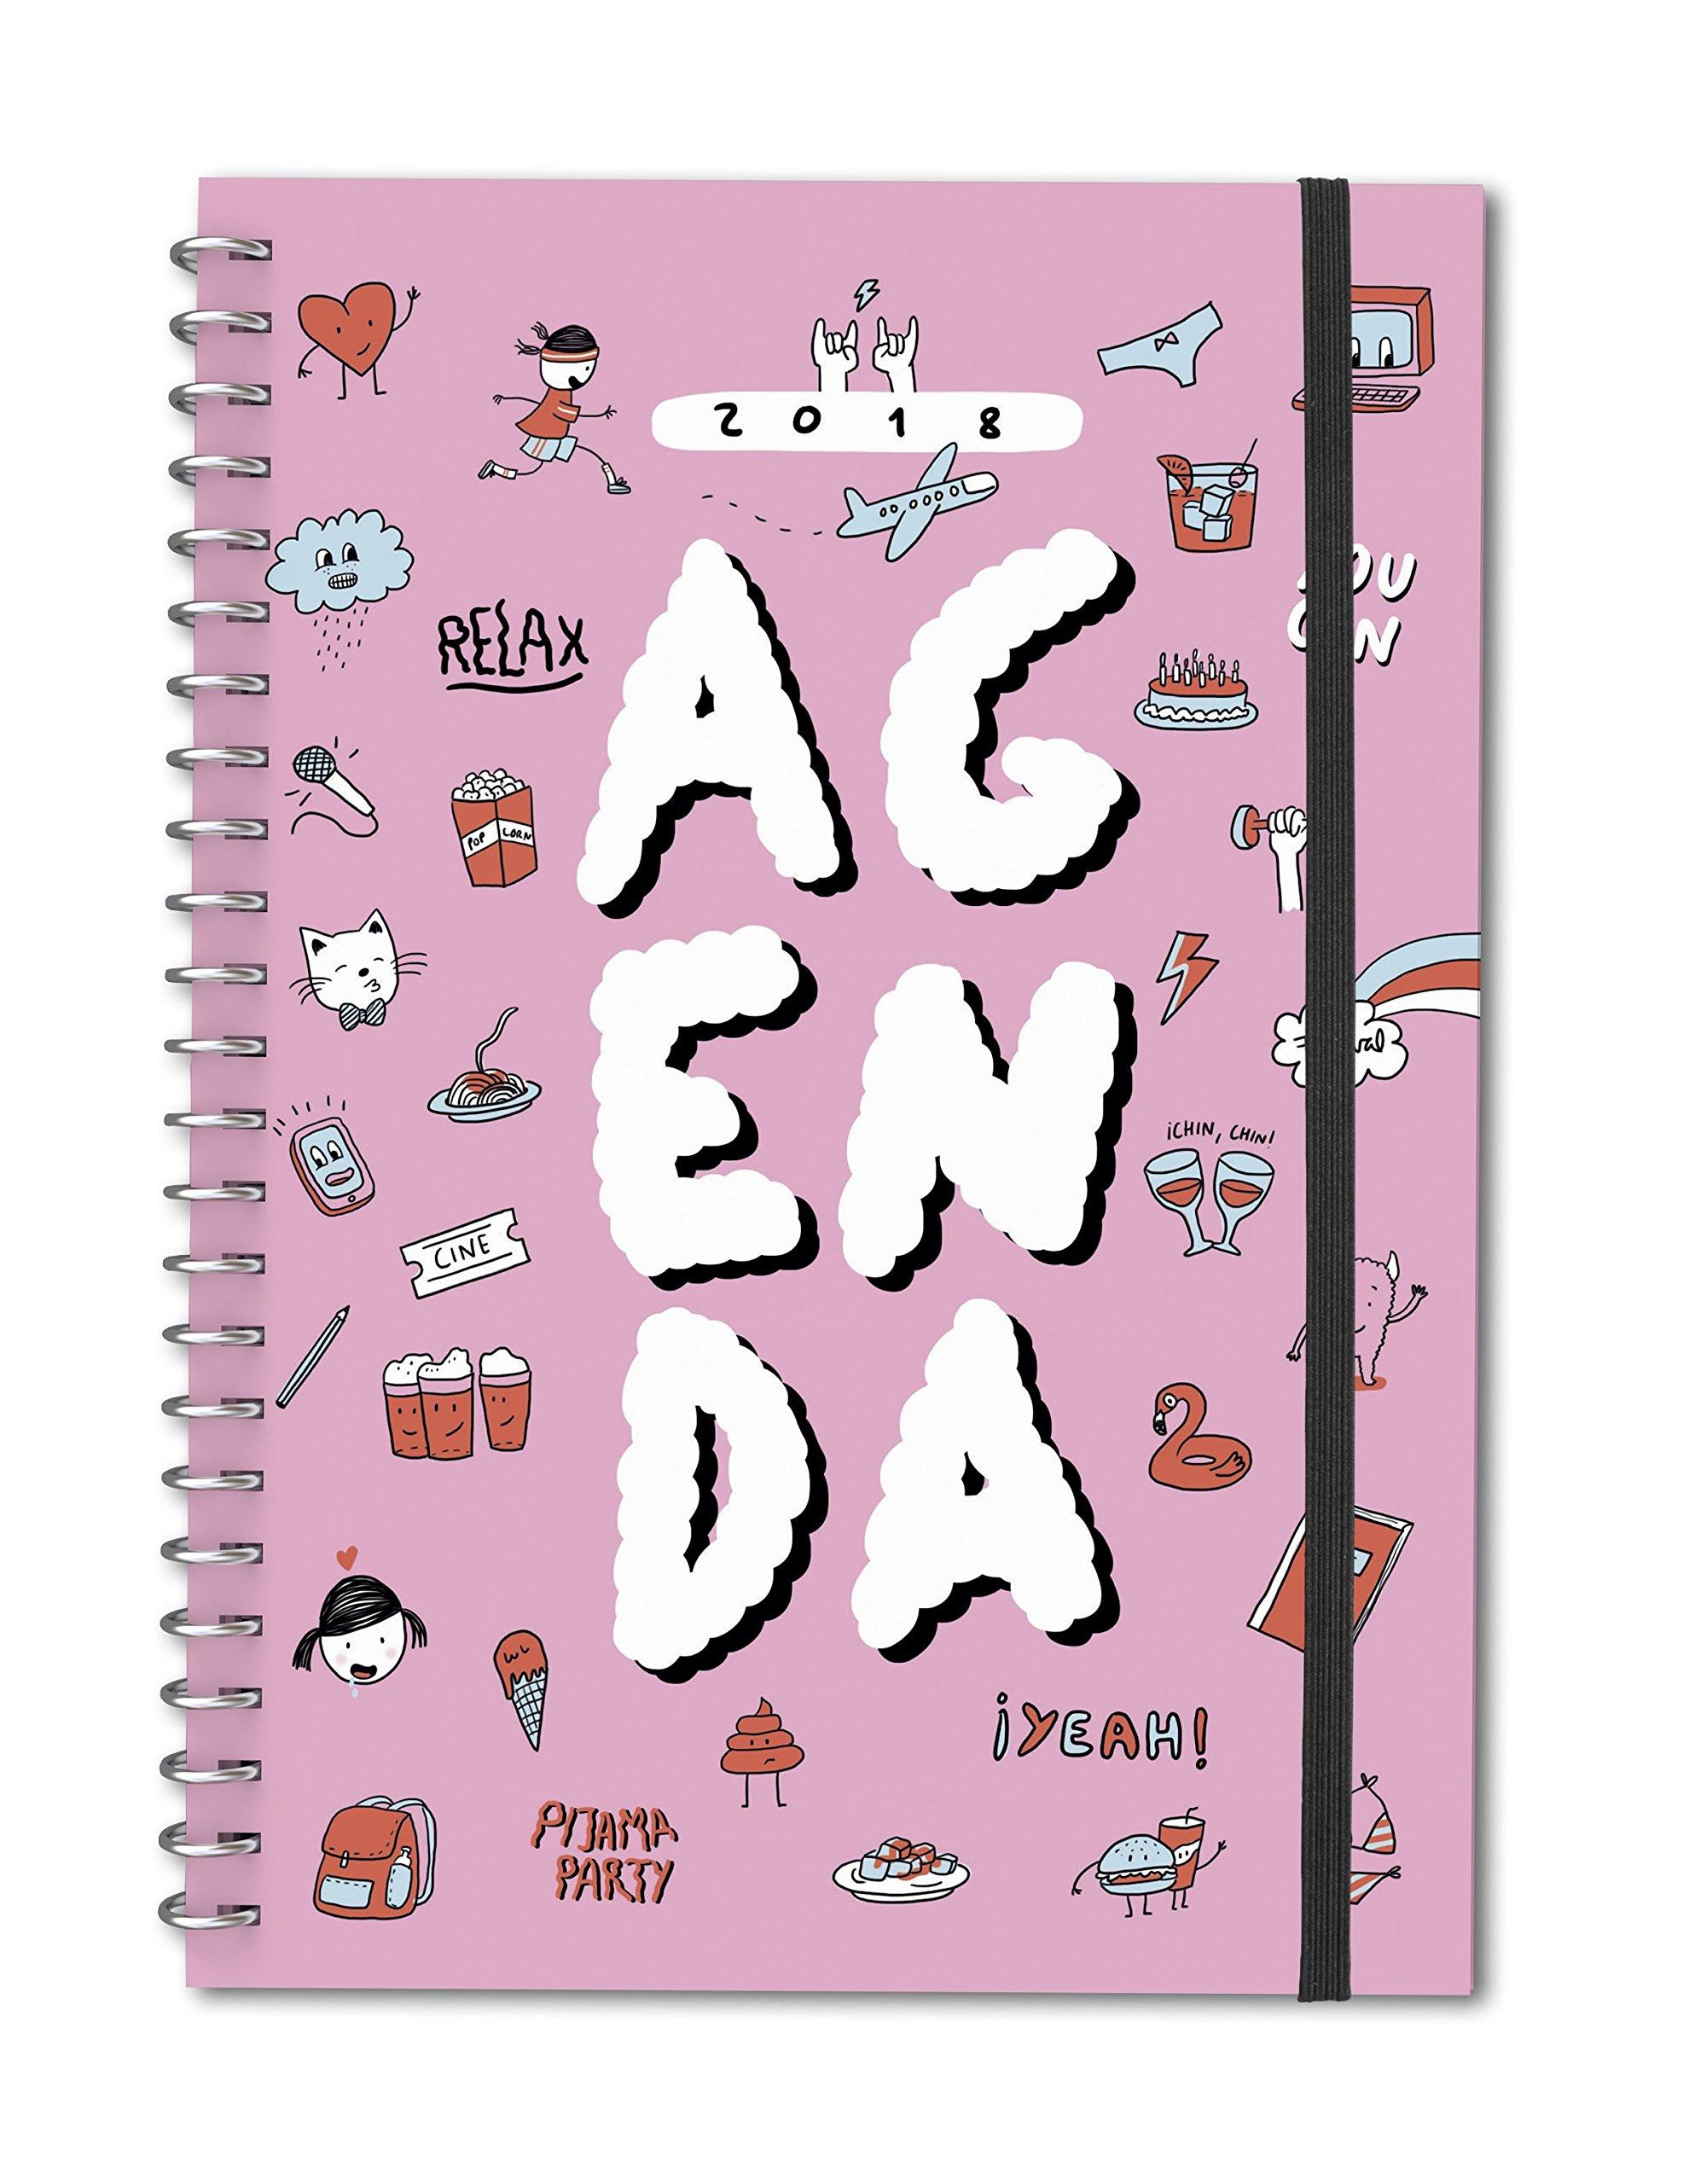 Agenda anual 2018 Lyona (TANTANFAN): Amazon.es: Lyona: Libros